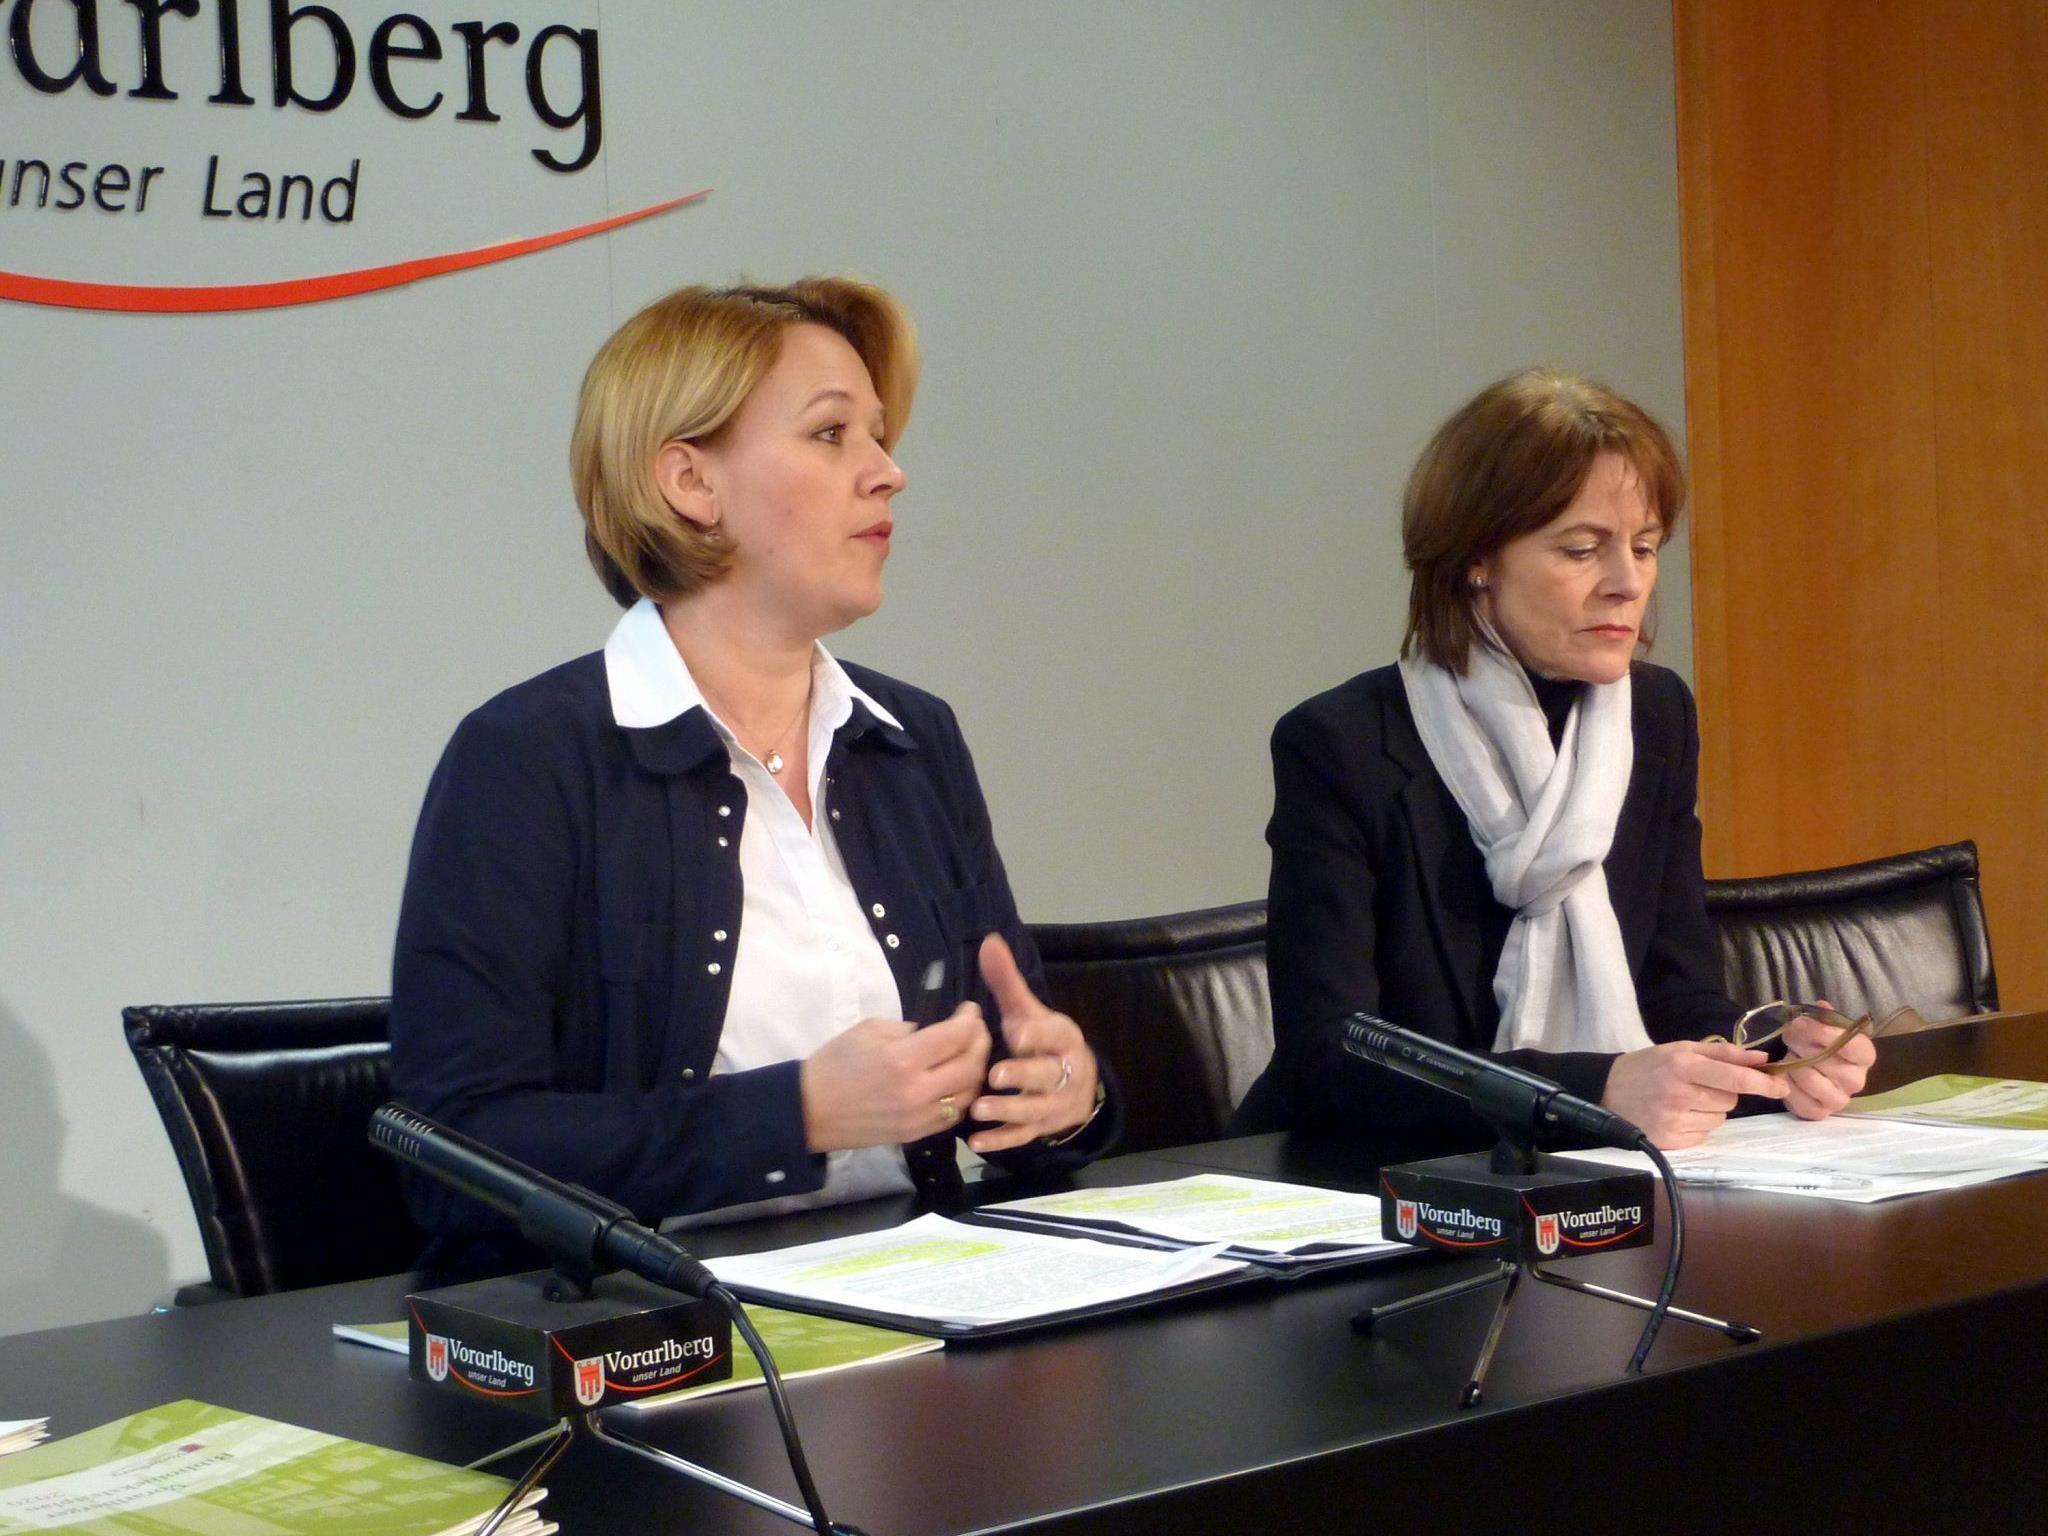 Landesrätin Kaufmann und Wissenschaftschefin Dür erläuterten den neuen Bibliotheksleitplan 2020 im Landhaus in Bregenz.